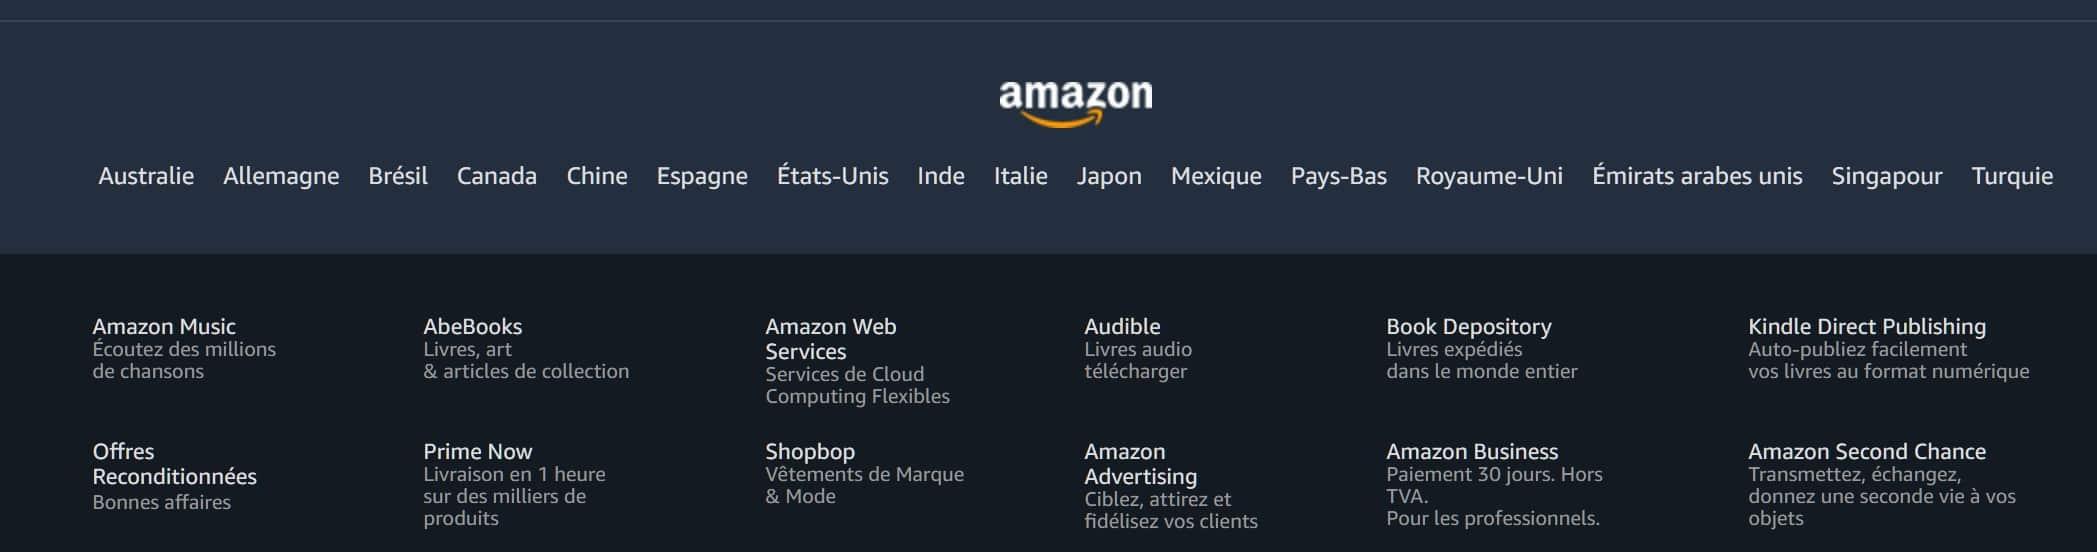 Amazon pays